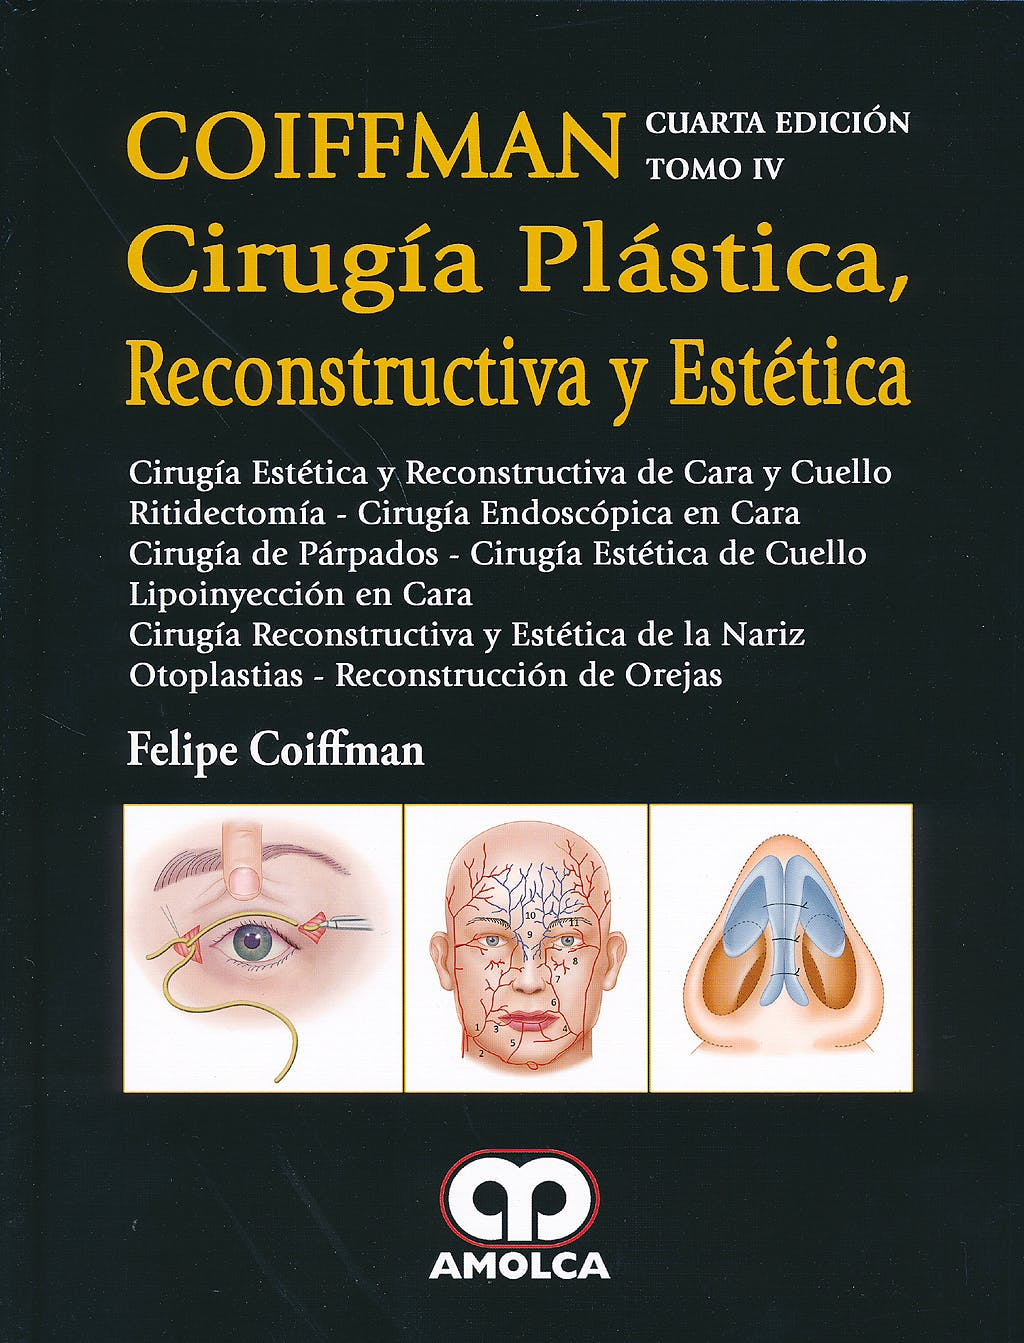 Portada del libro 9789585902008 Coiffman Cirugía Plástica, Reconstructiva y Estética, Tomo IV